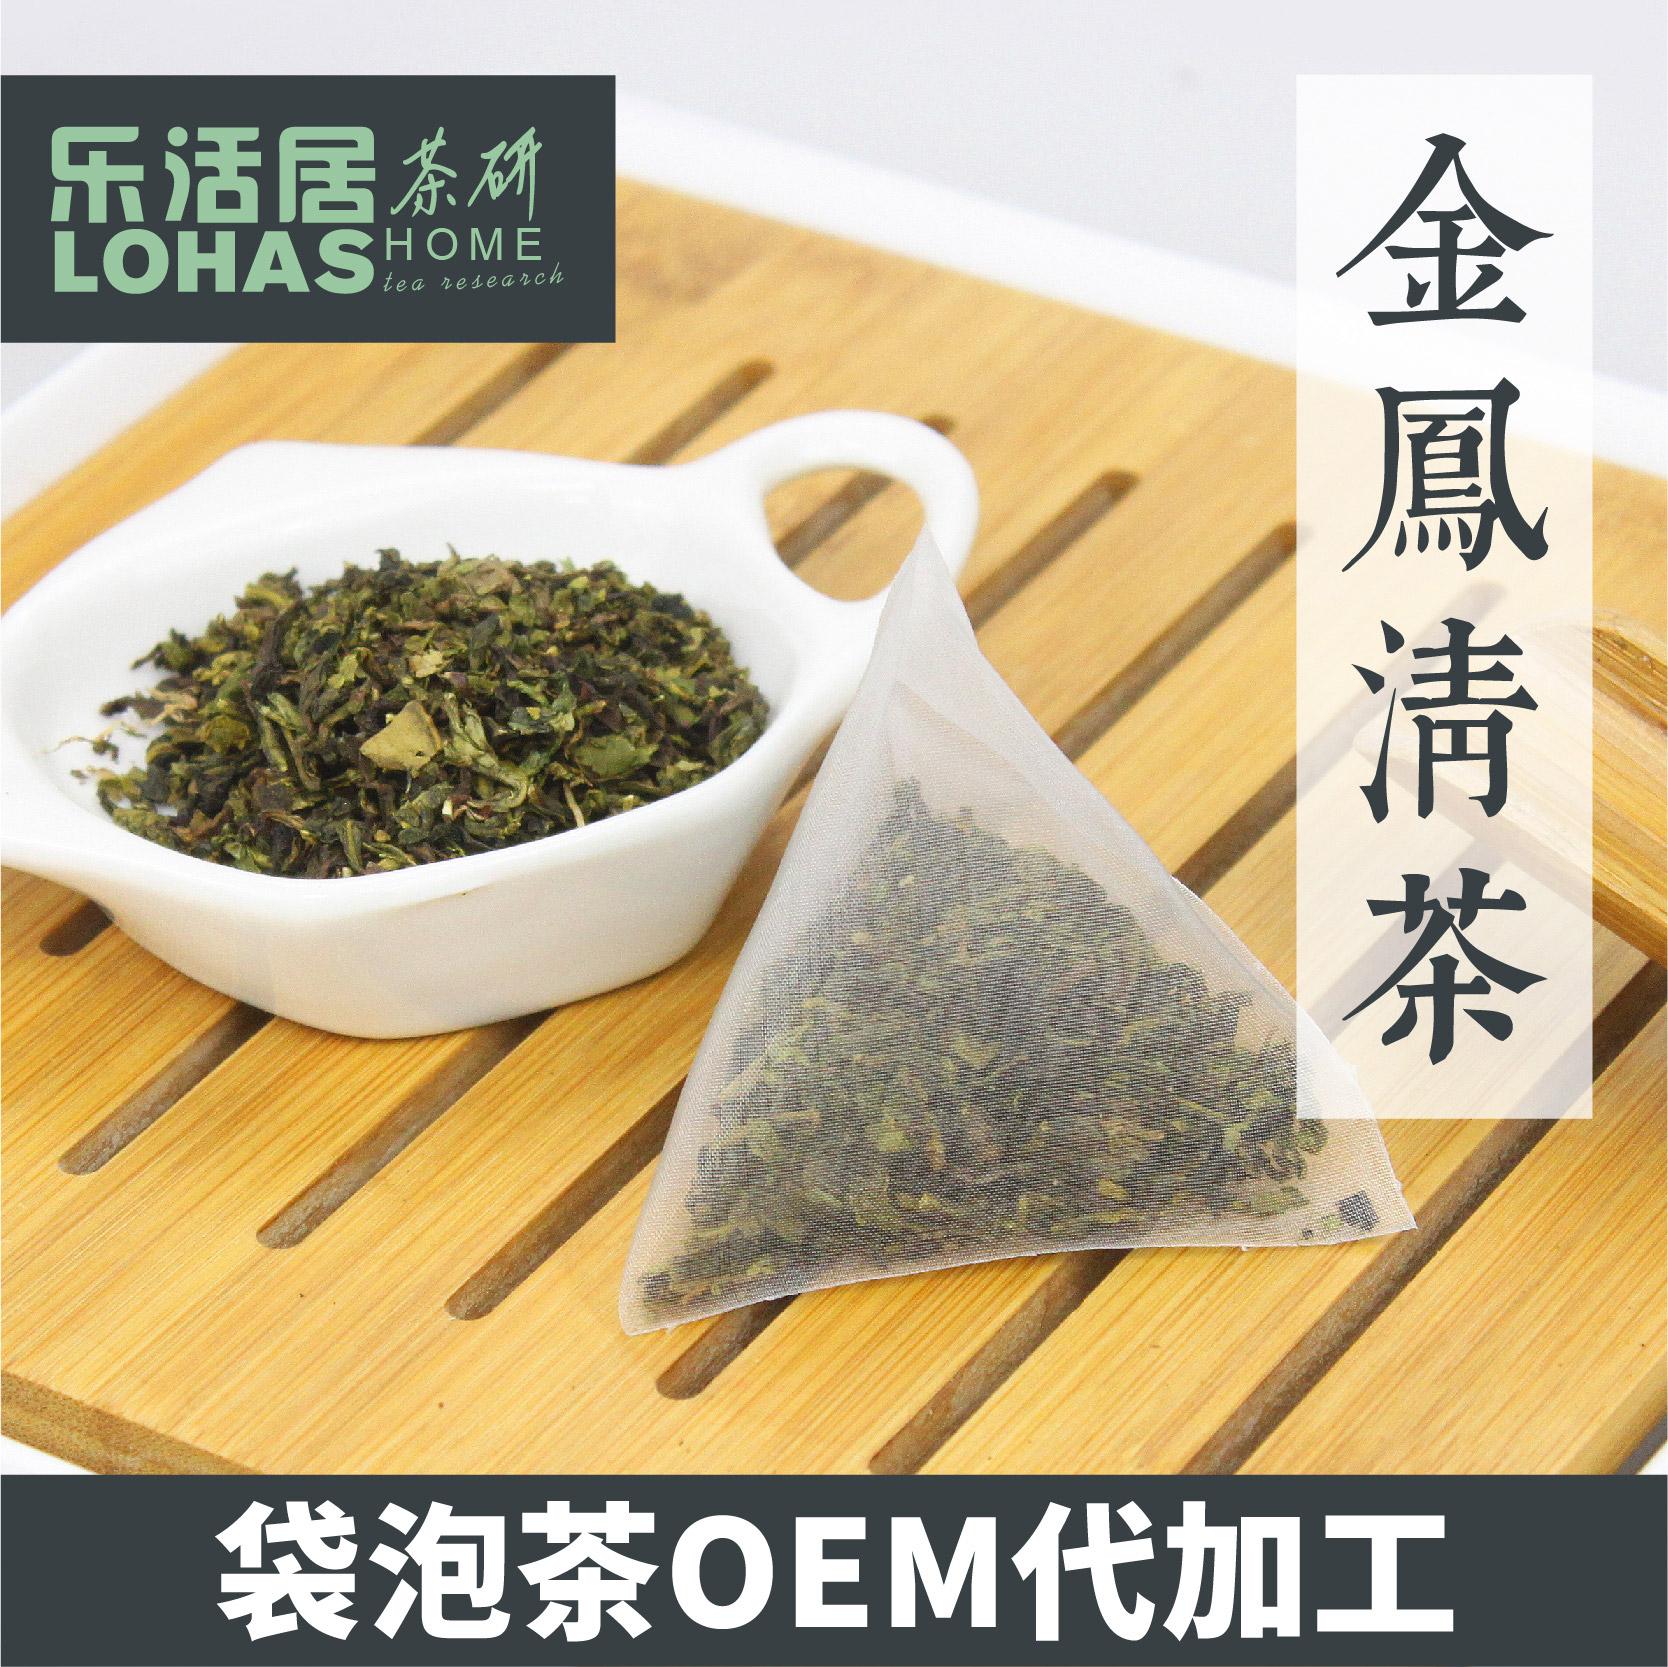 厂家大量批发金凤清茶乌龙茶三角包袋泡茶奶茶餐饮店原料专用直销